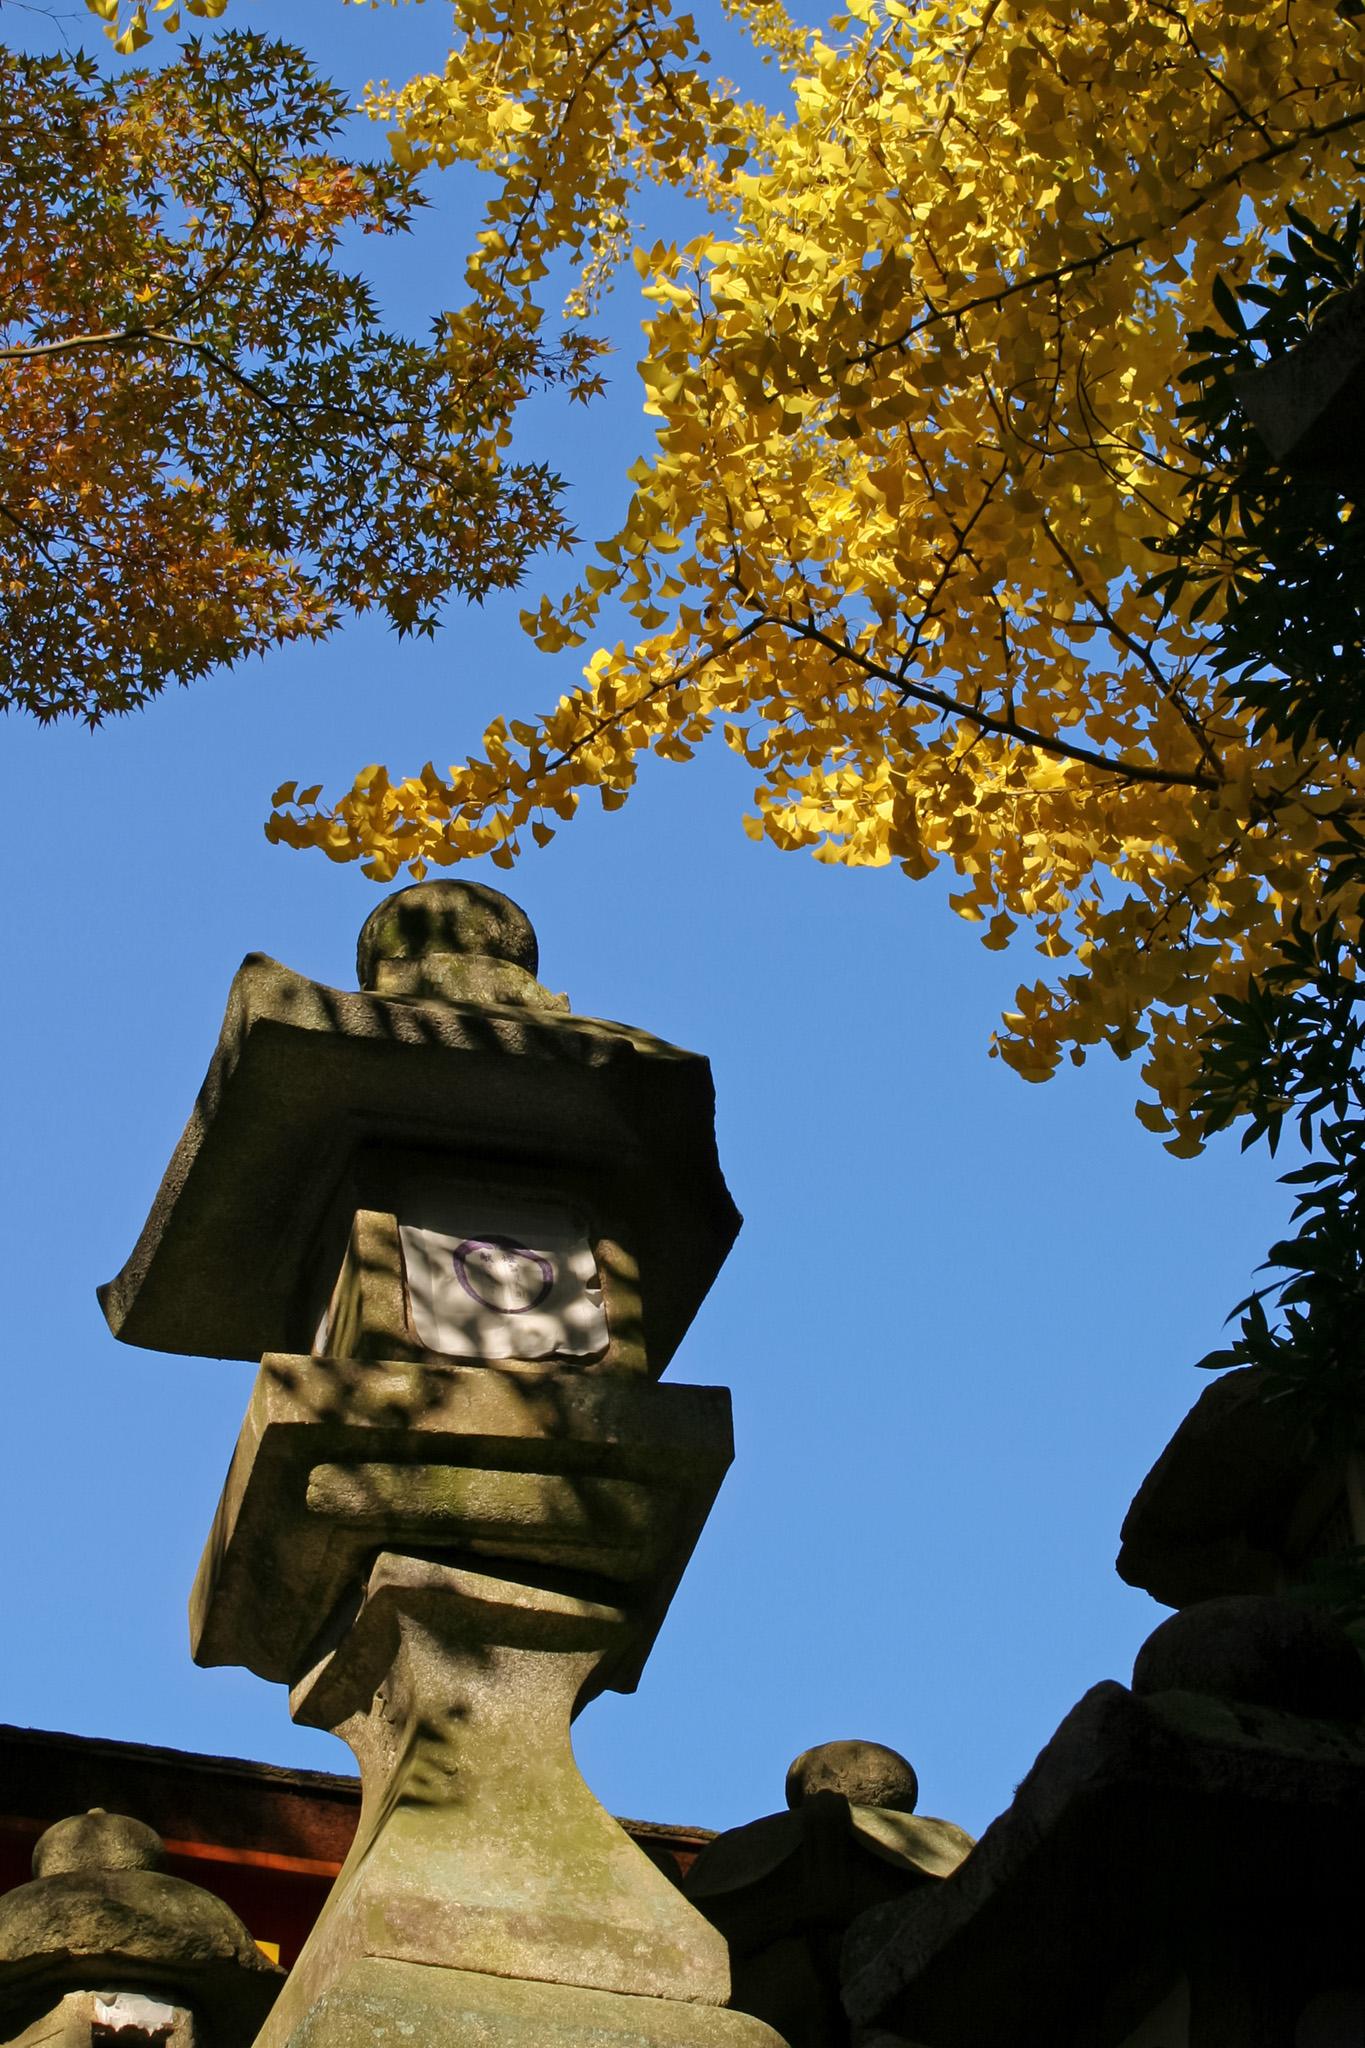 「灯籠とイチョウと秋空」の素材を無料ダウンロード